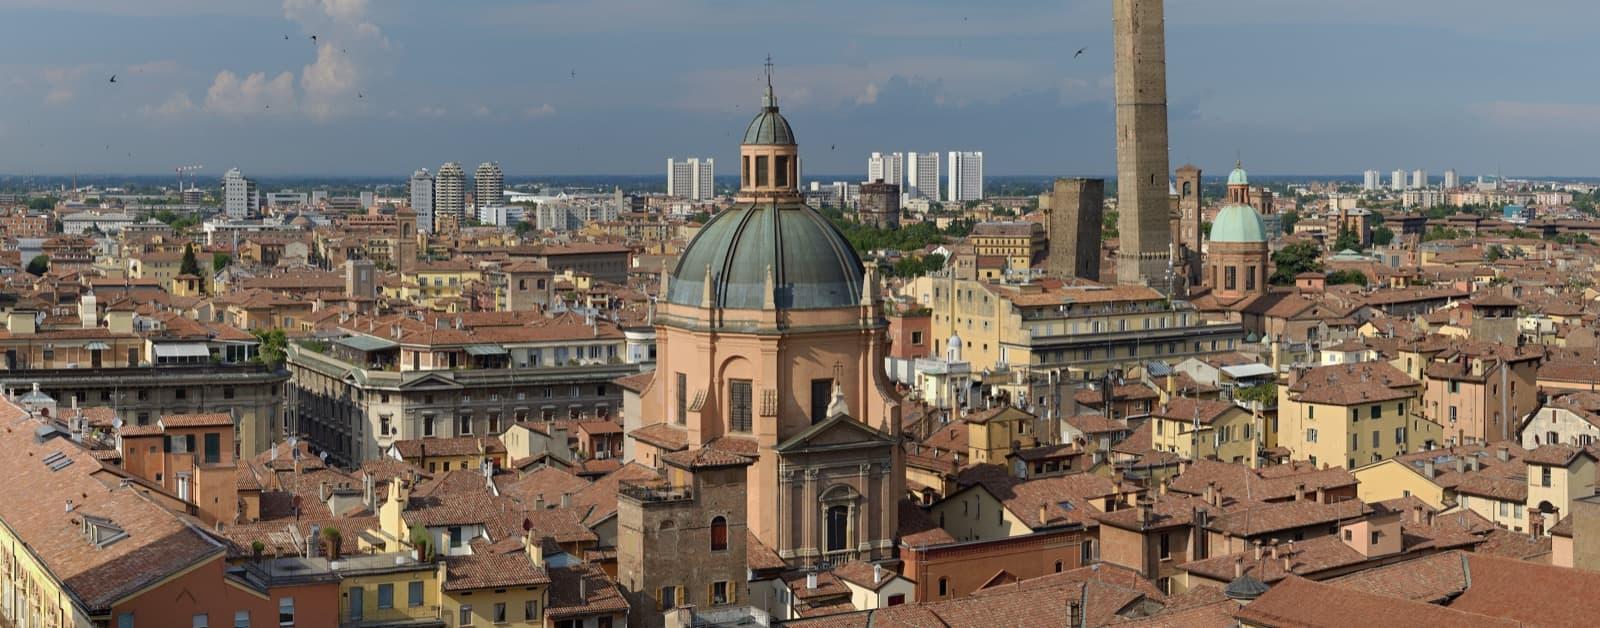 20 unique places to visit in Emilia-Romagna